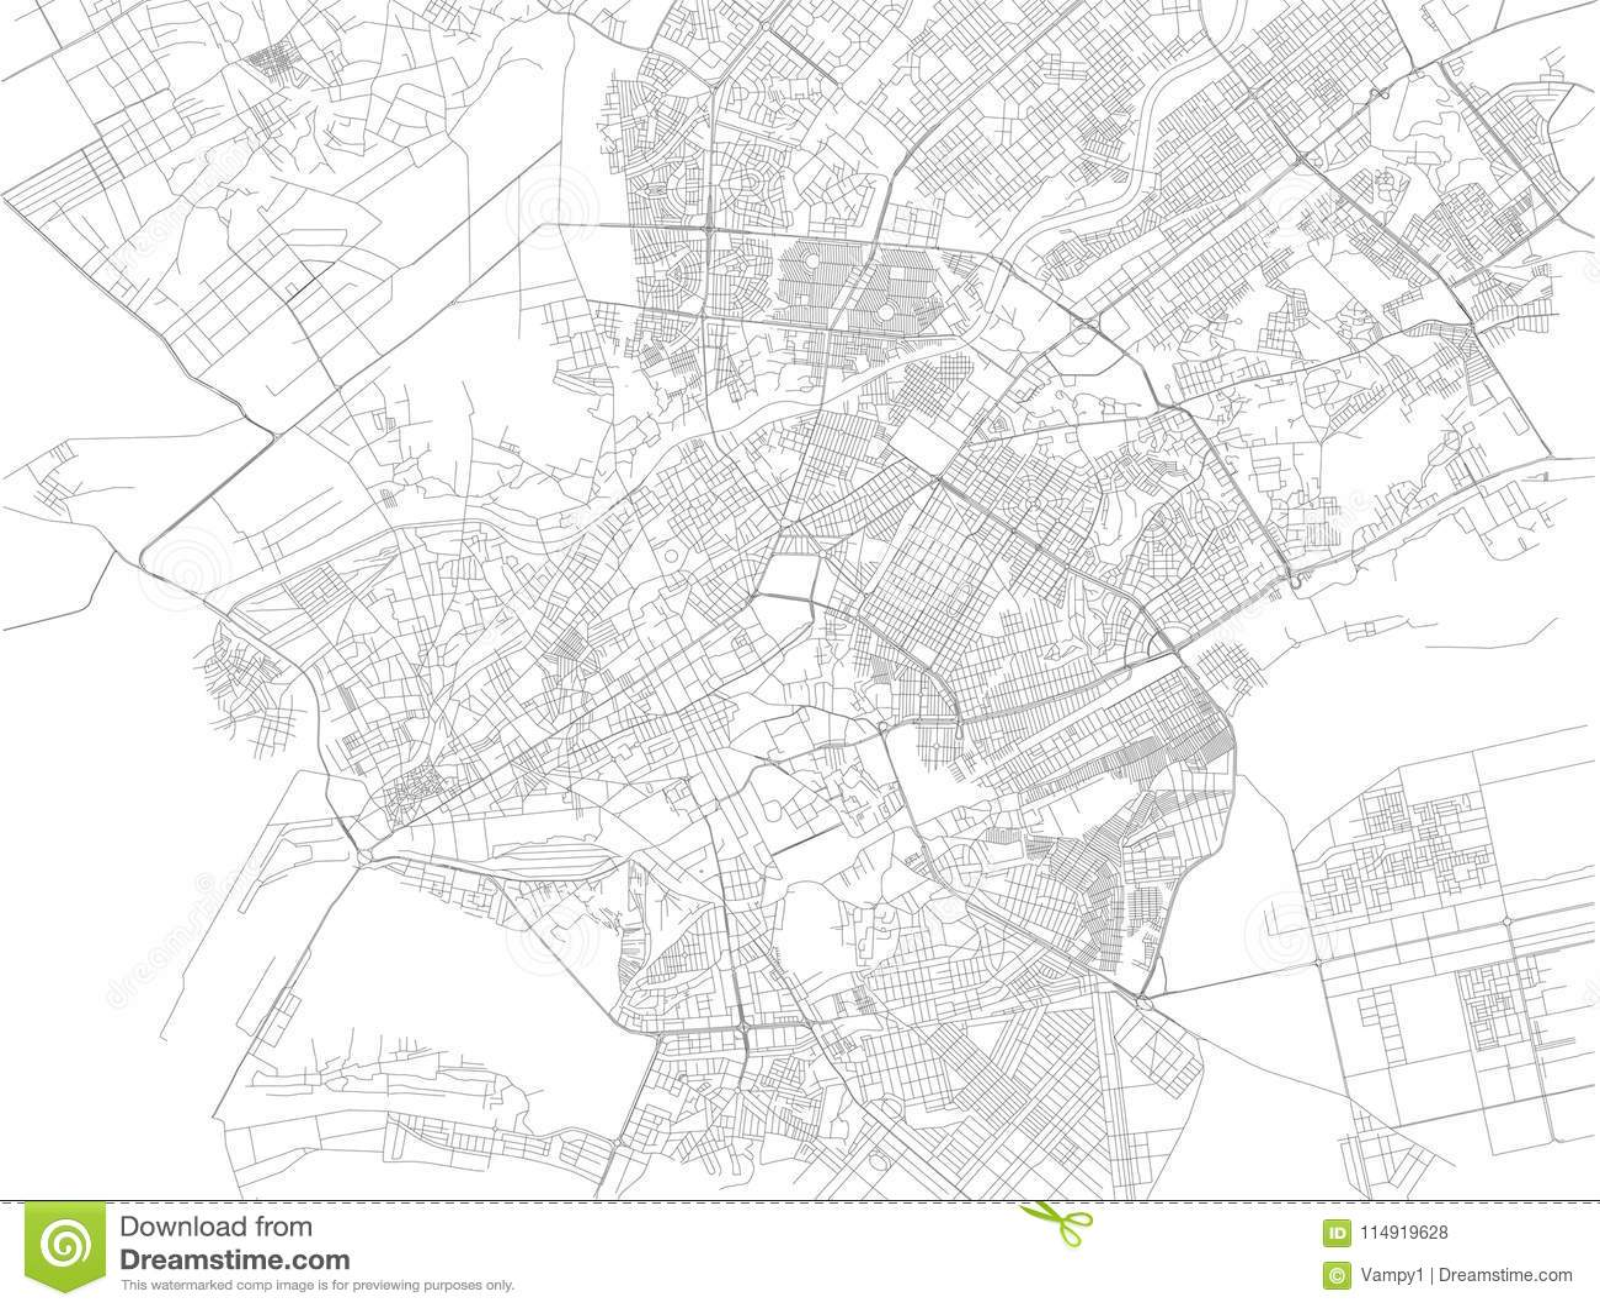 Map Of Asia Karachi.Map Of Karachi Pakistan Street View Asia Stock Vector